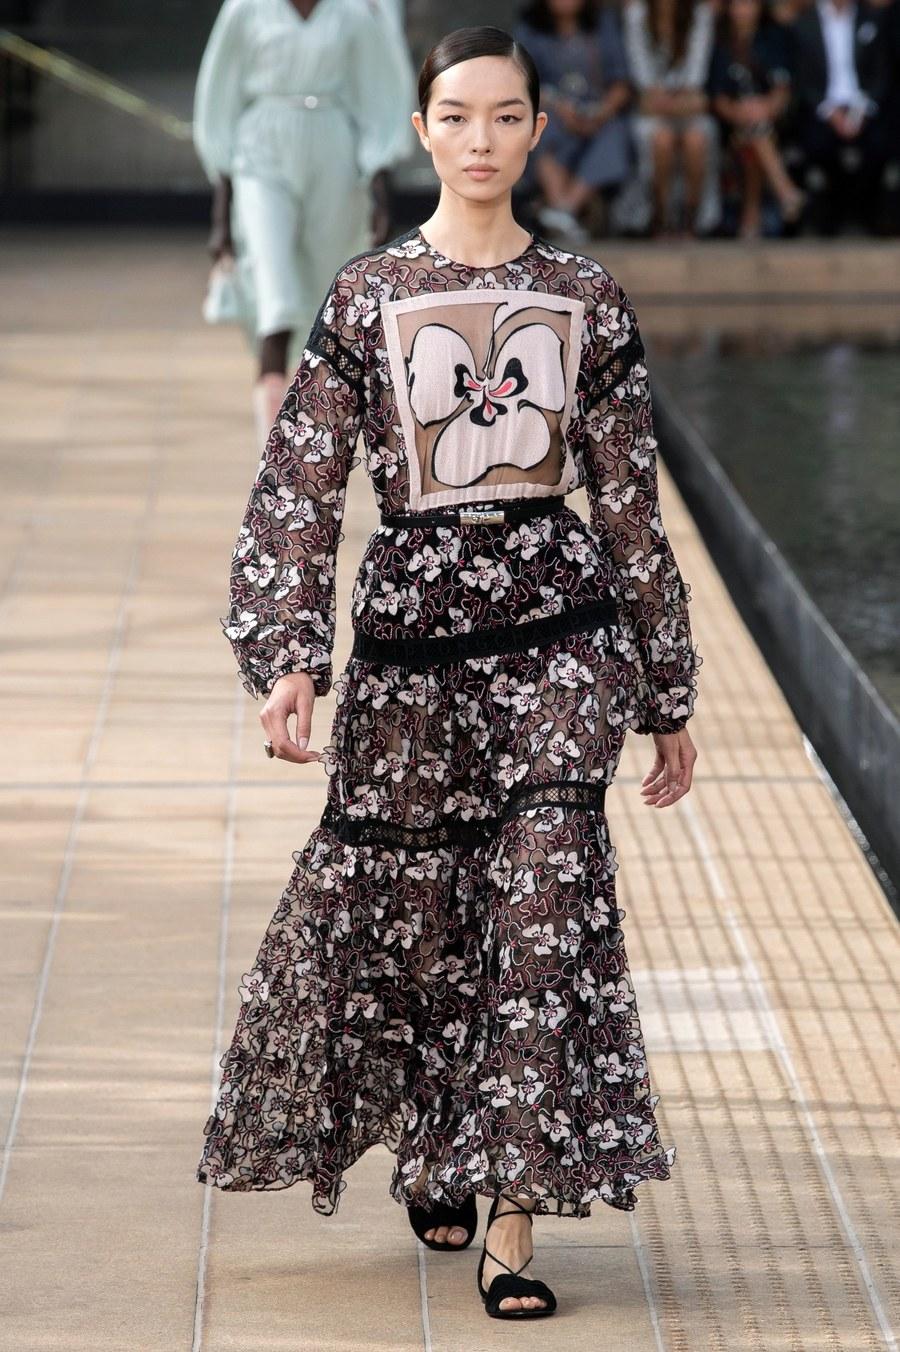 عرض أزياء Longchamp  بأسبوع الموضة بنيويورك (15)